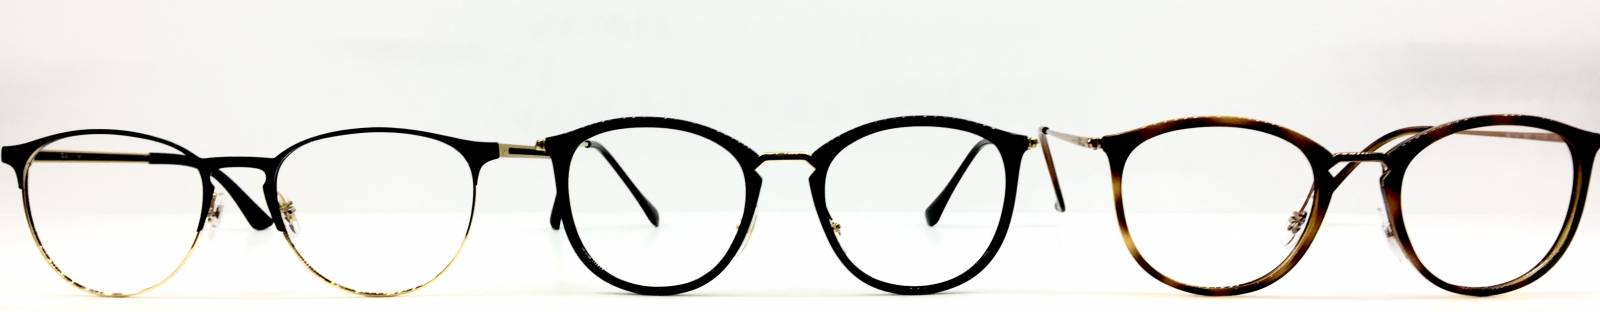 8164bd3e870213 MONTURES FEMME TENDANCES 2018-2019 - Opticien lunetier pour lunettes ...